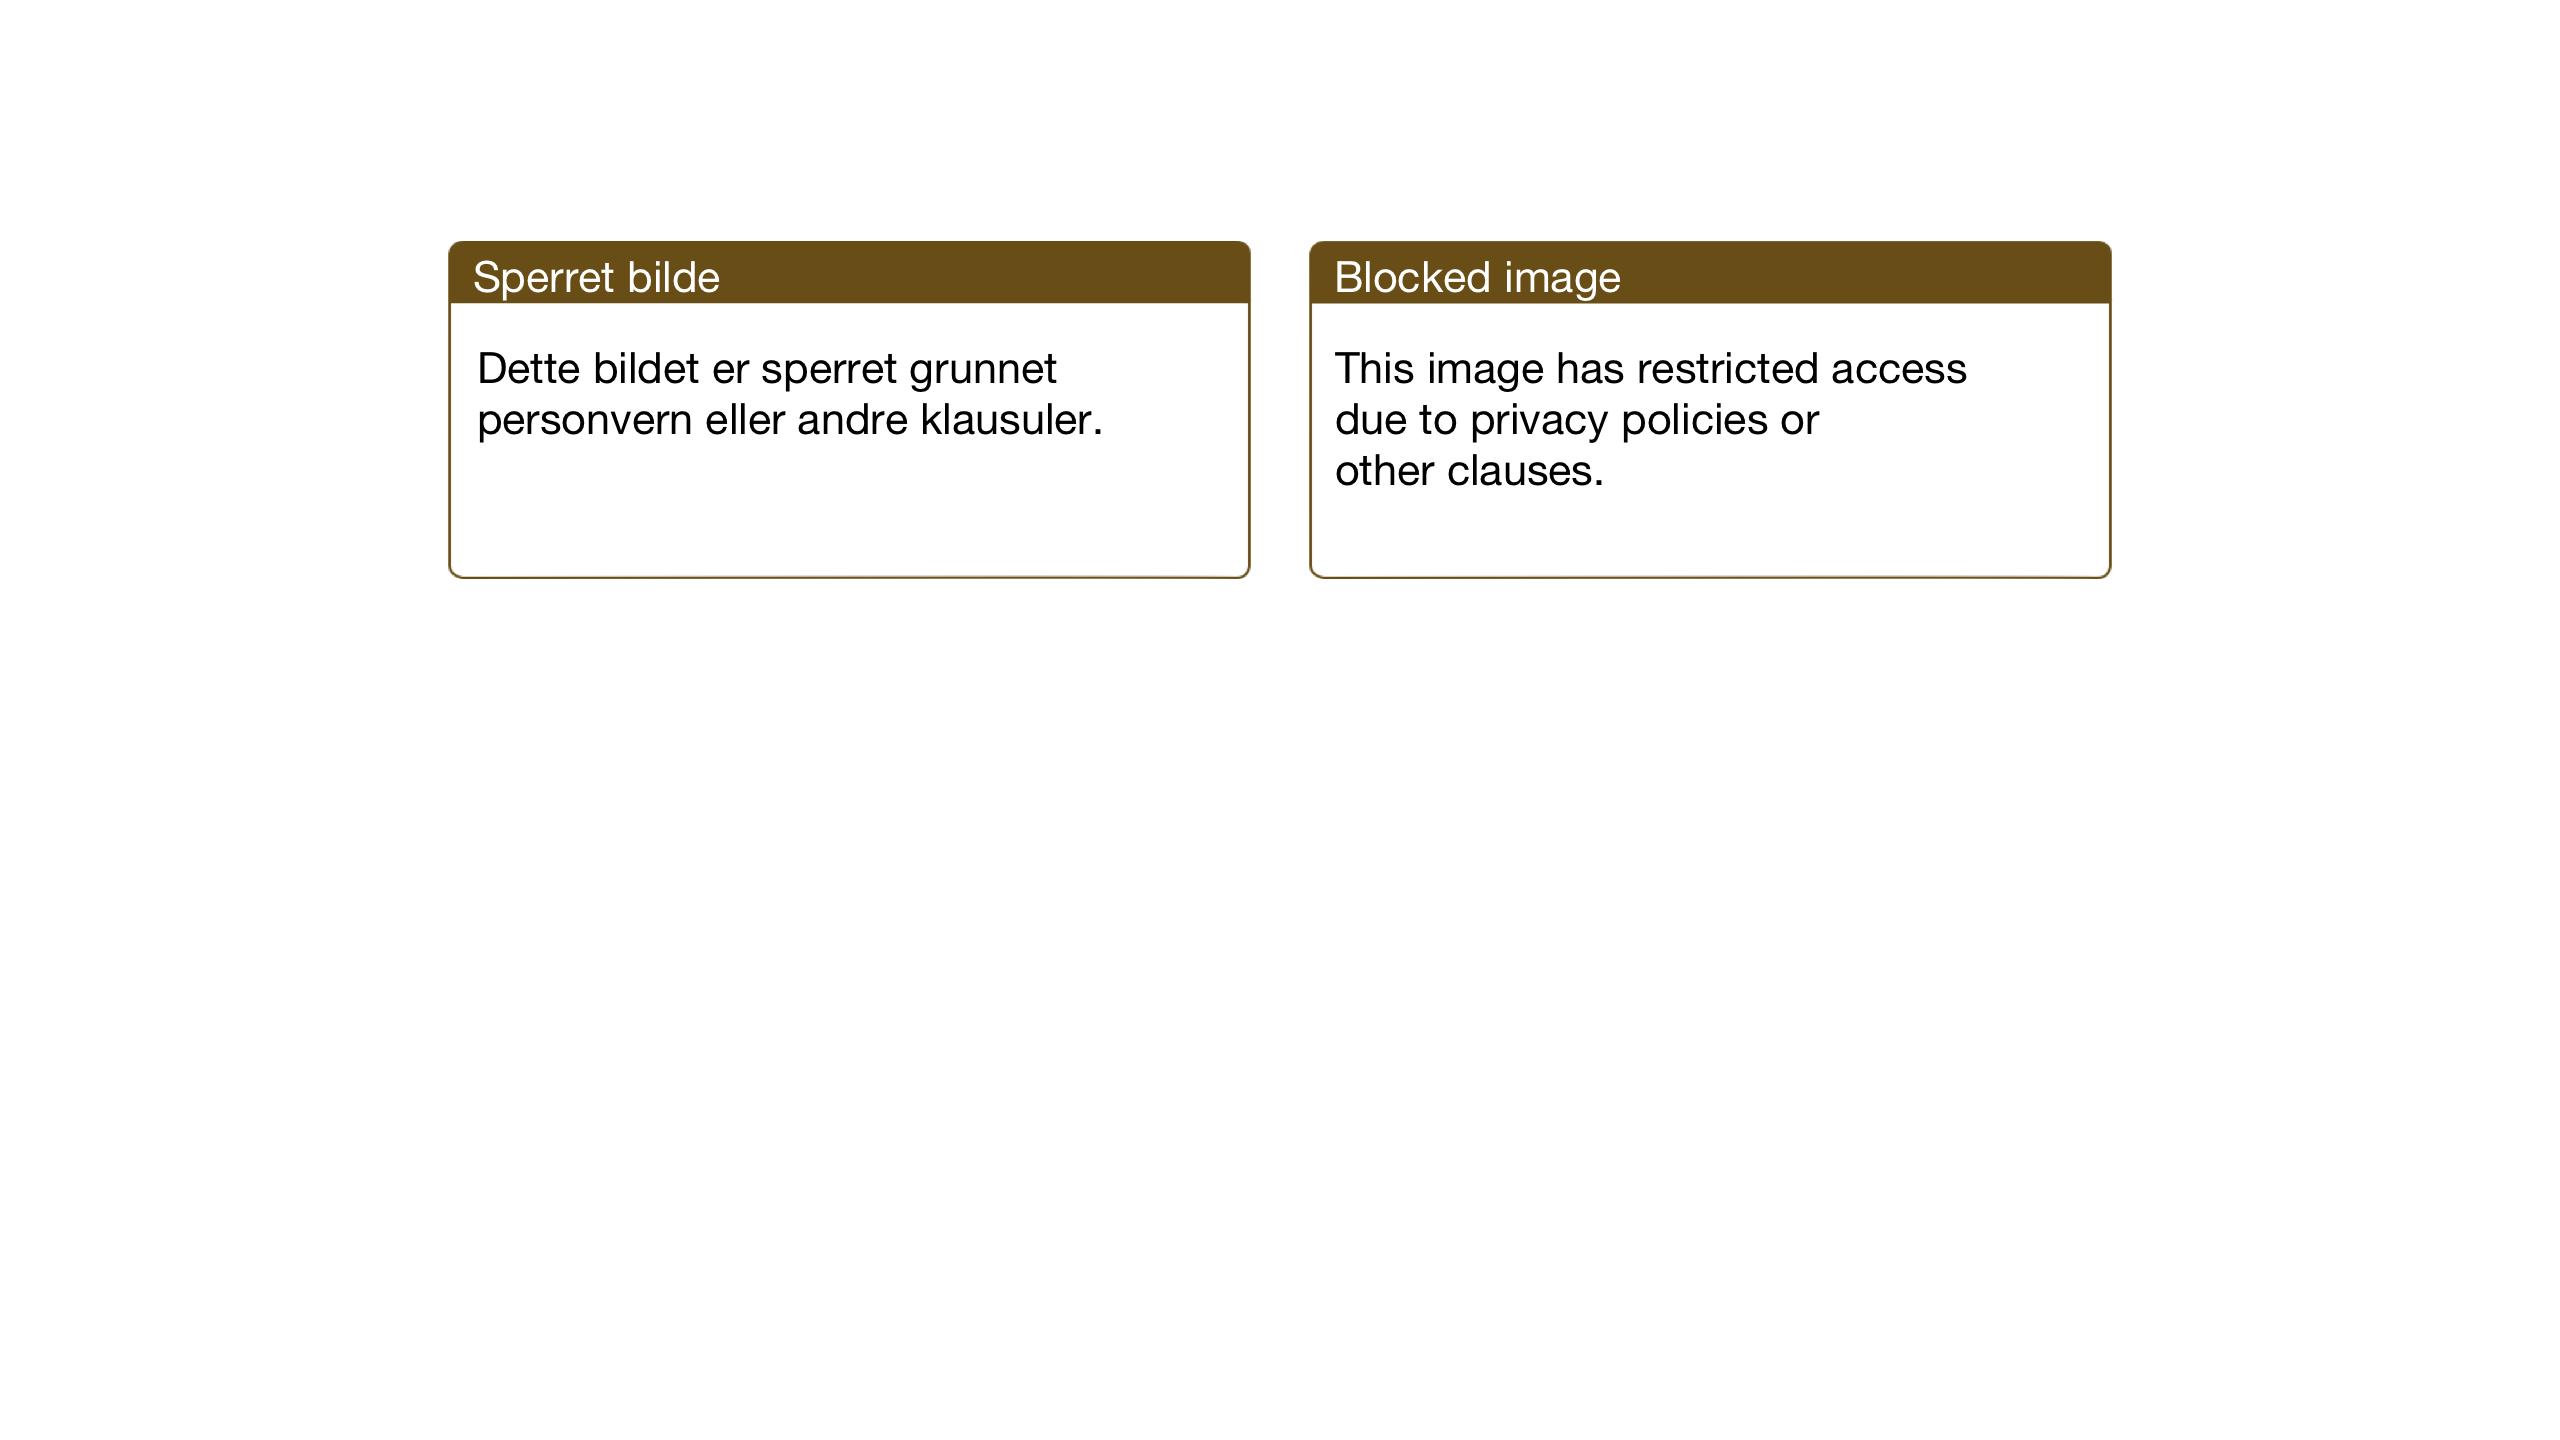 SAT, Ministerialprotokoller, klokkerbøker og fødselsregistre - Sør-Trøndelag, 685/L0979: Klokkerbok nr. 685C04, 1908-1933, s. 49